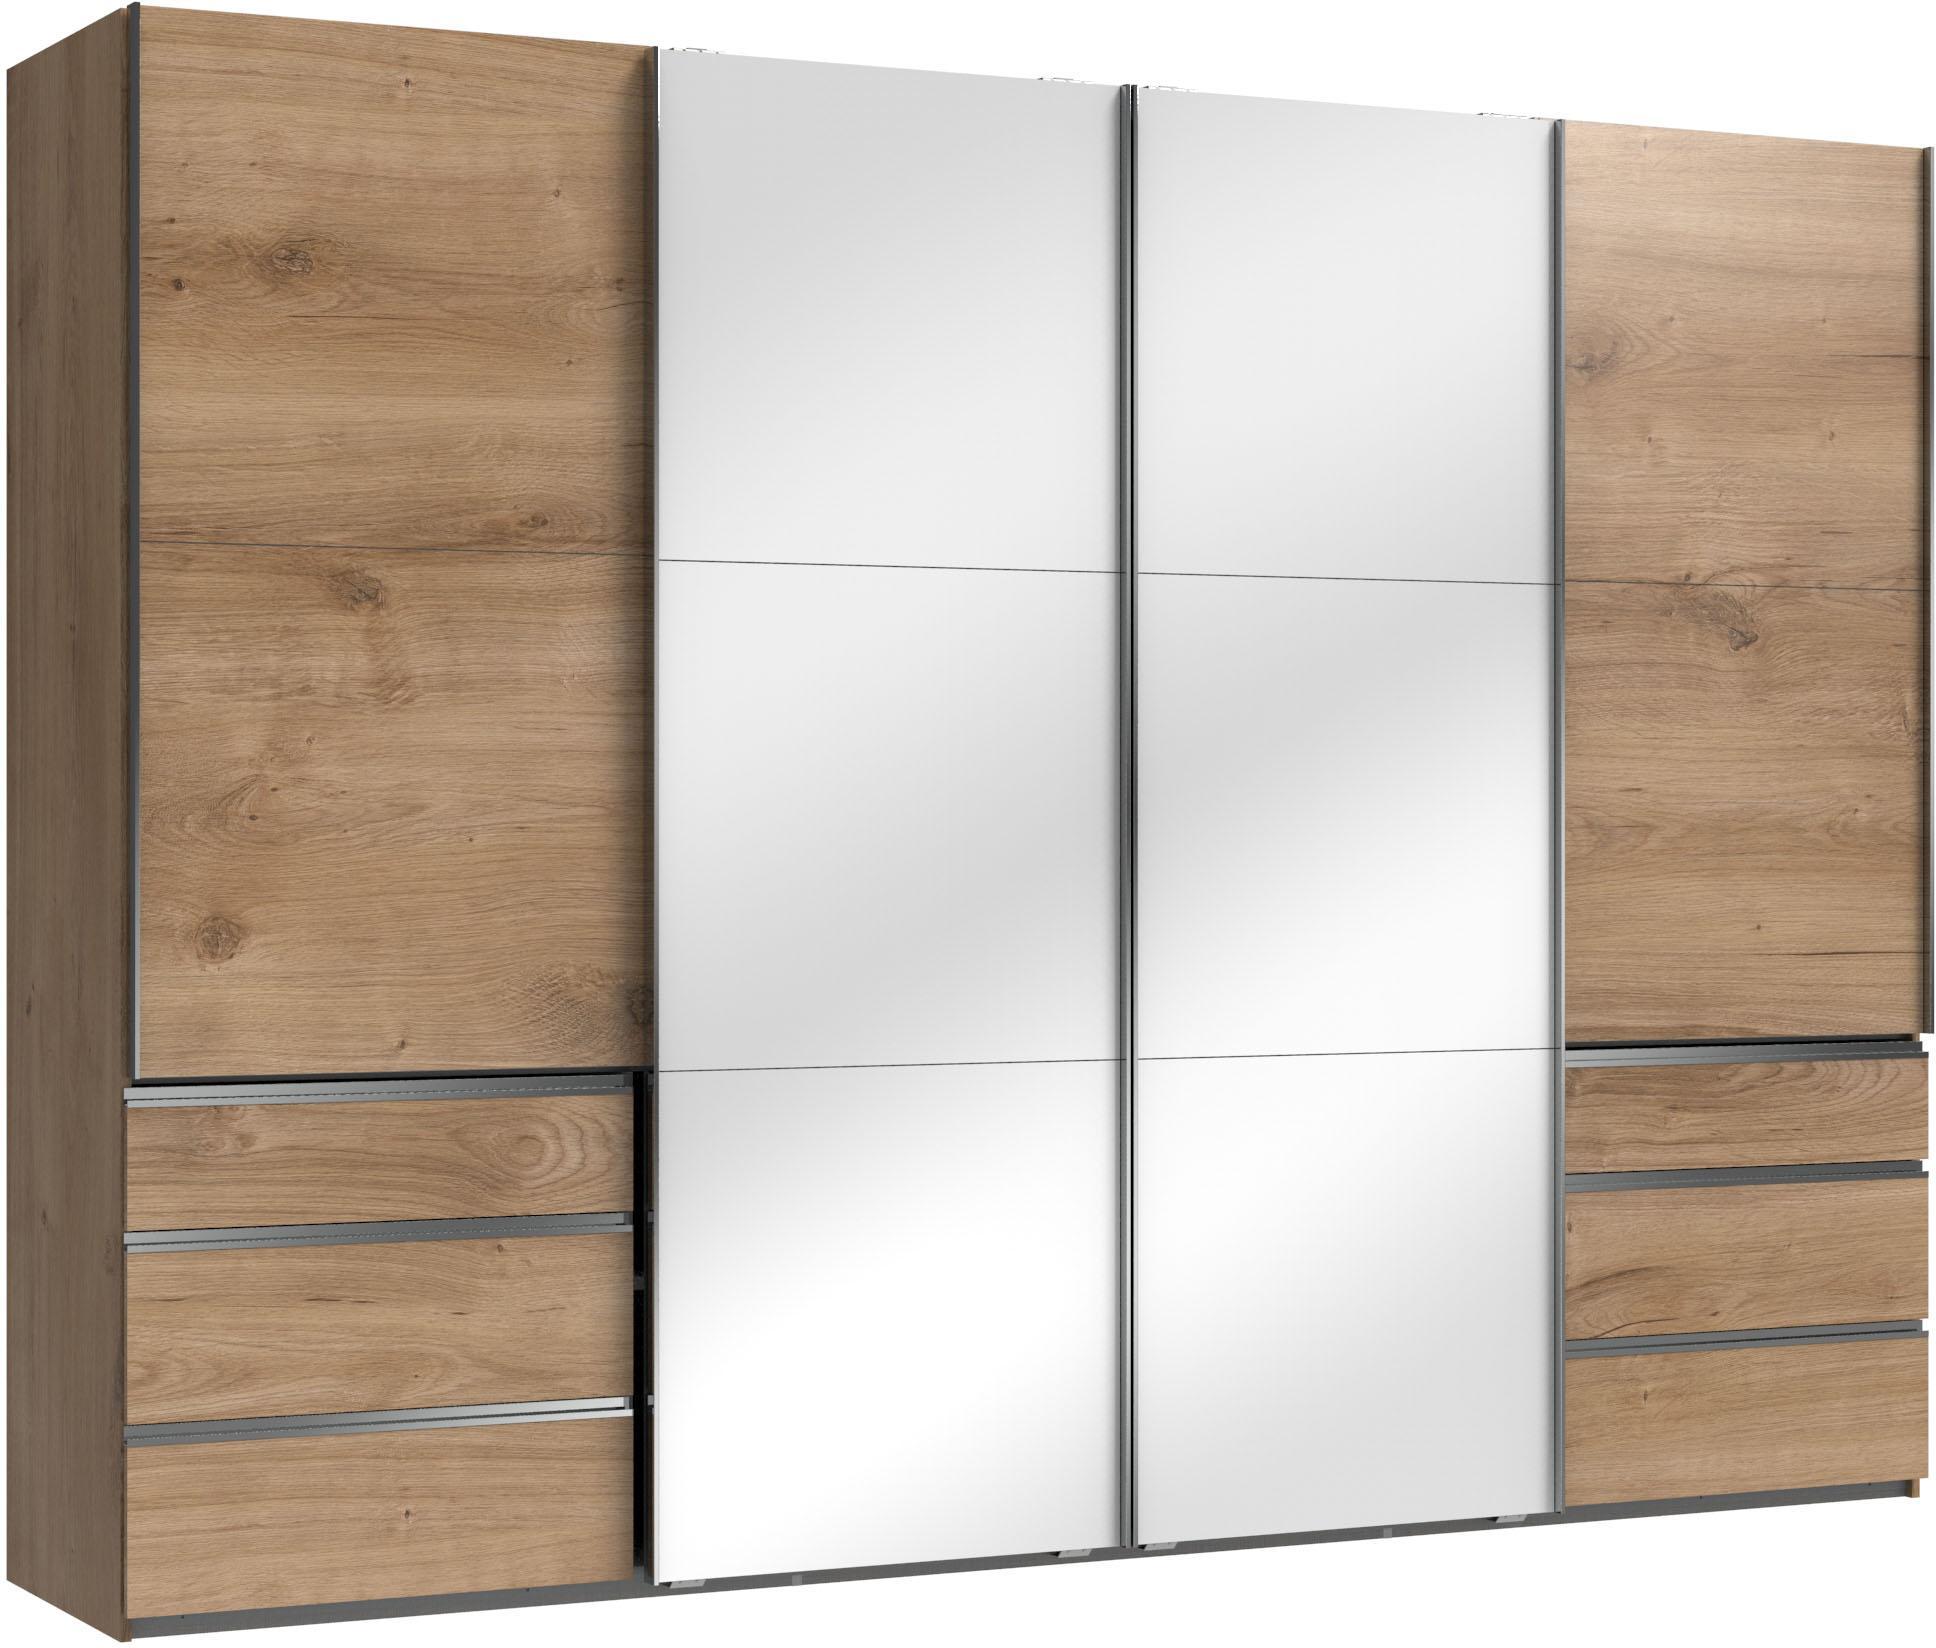 Fresh To Go Schwebetürenschrank Level mit Glastüren und Synchronöffnung | Schlafzimmer > Kleiderschränke > Schwebetürenschränke | Glas - Leinen | Fresh To Go